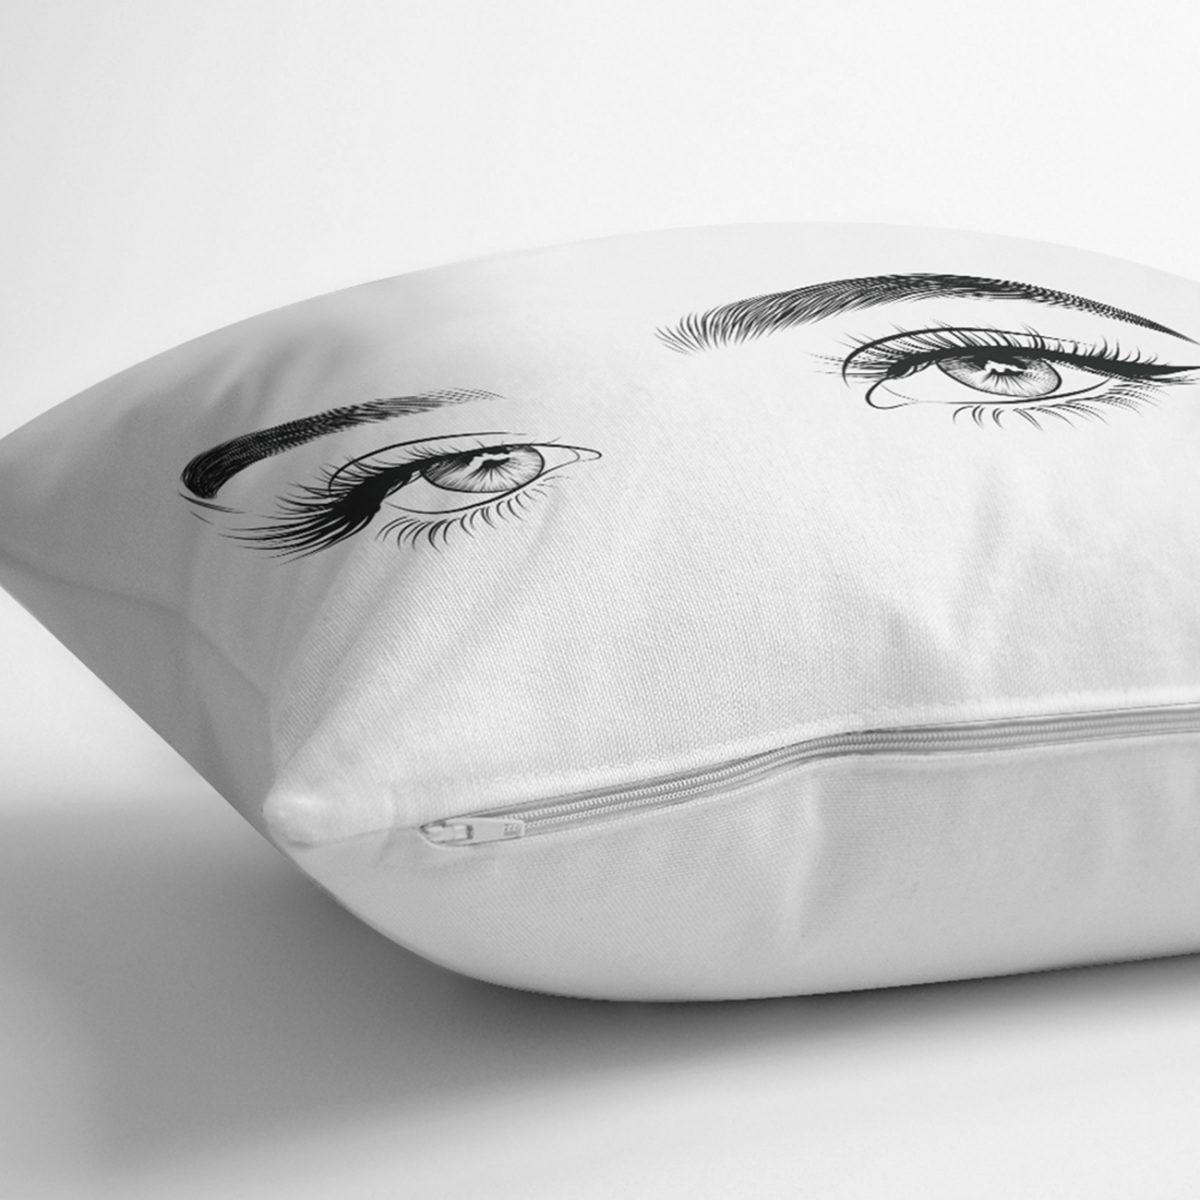 RealHomes Beyaz Zeminde Kirpik Motifli Özel Tasarım Yastık Kılıfı Realhomes